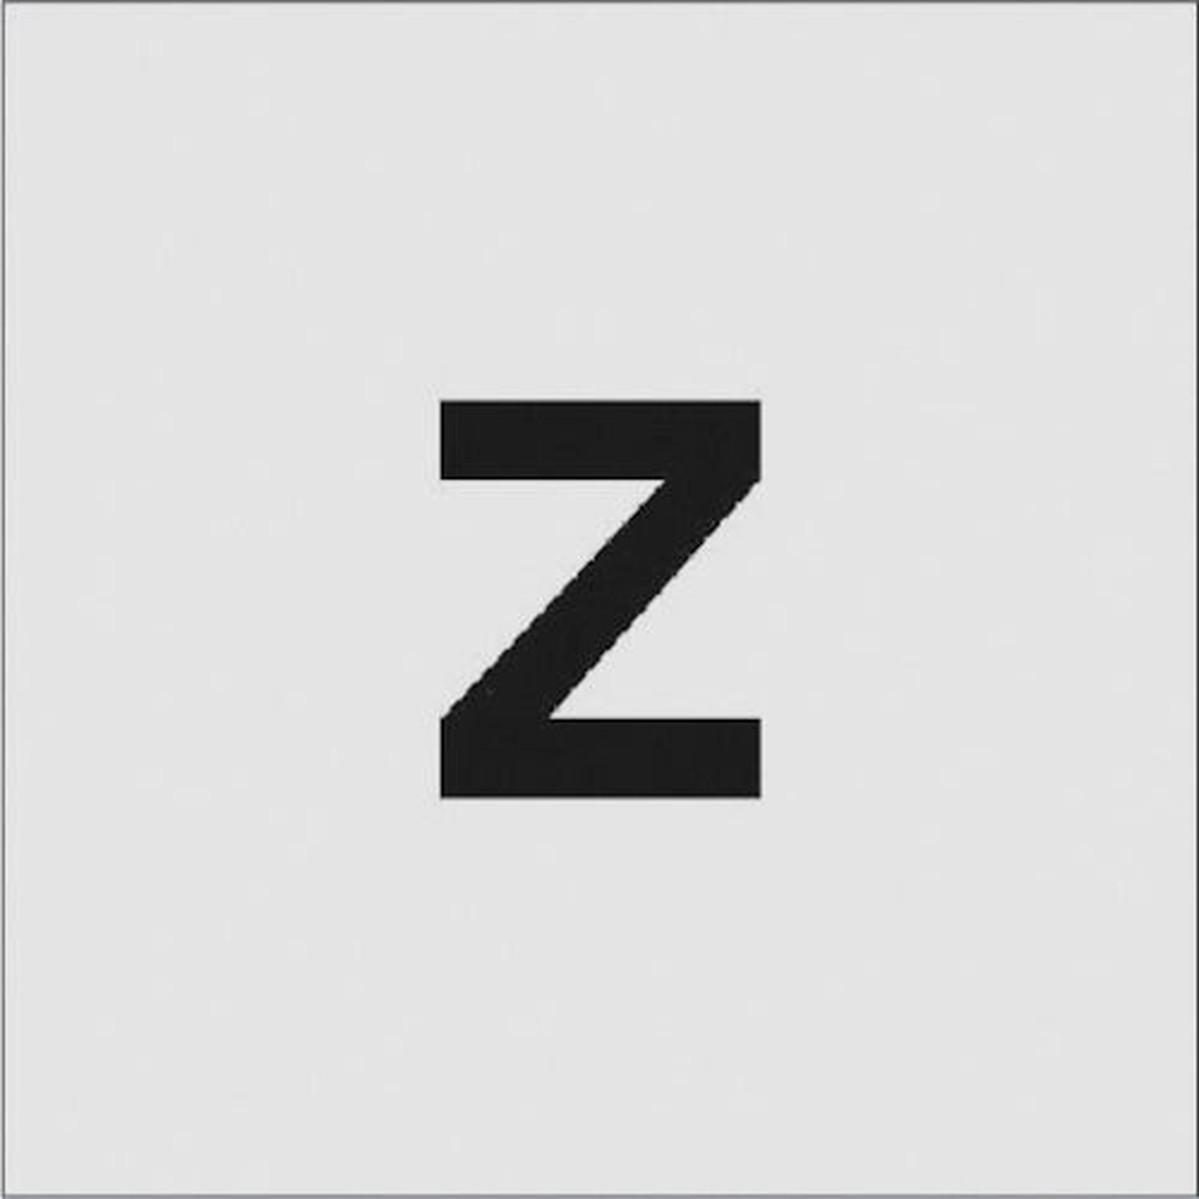 あす楽対応 DIY用品 予約販売品 IM ステンシル Z 1枚 文字サイズ50×40mm 新生活